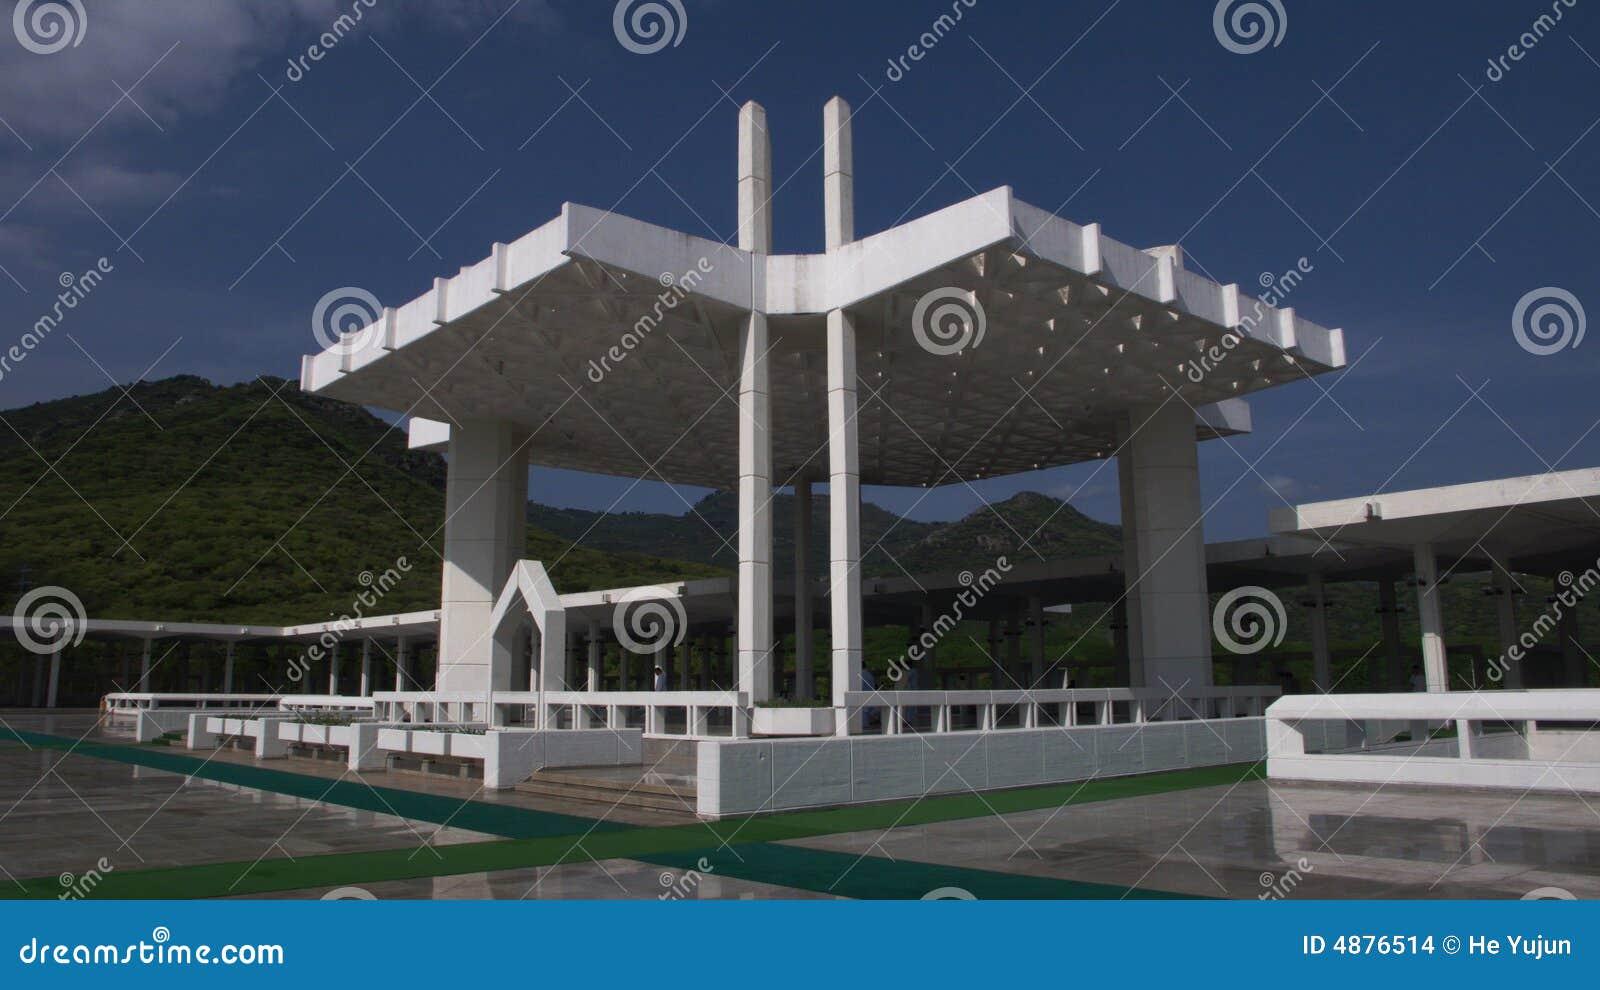 Die Shah Faisal Moschee